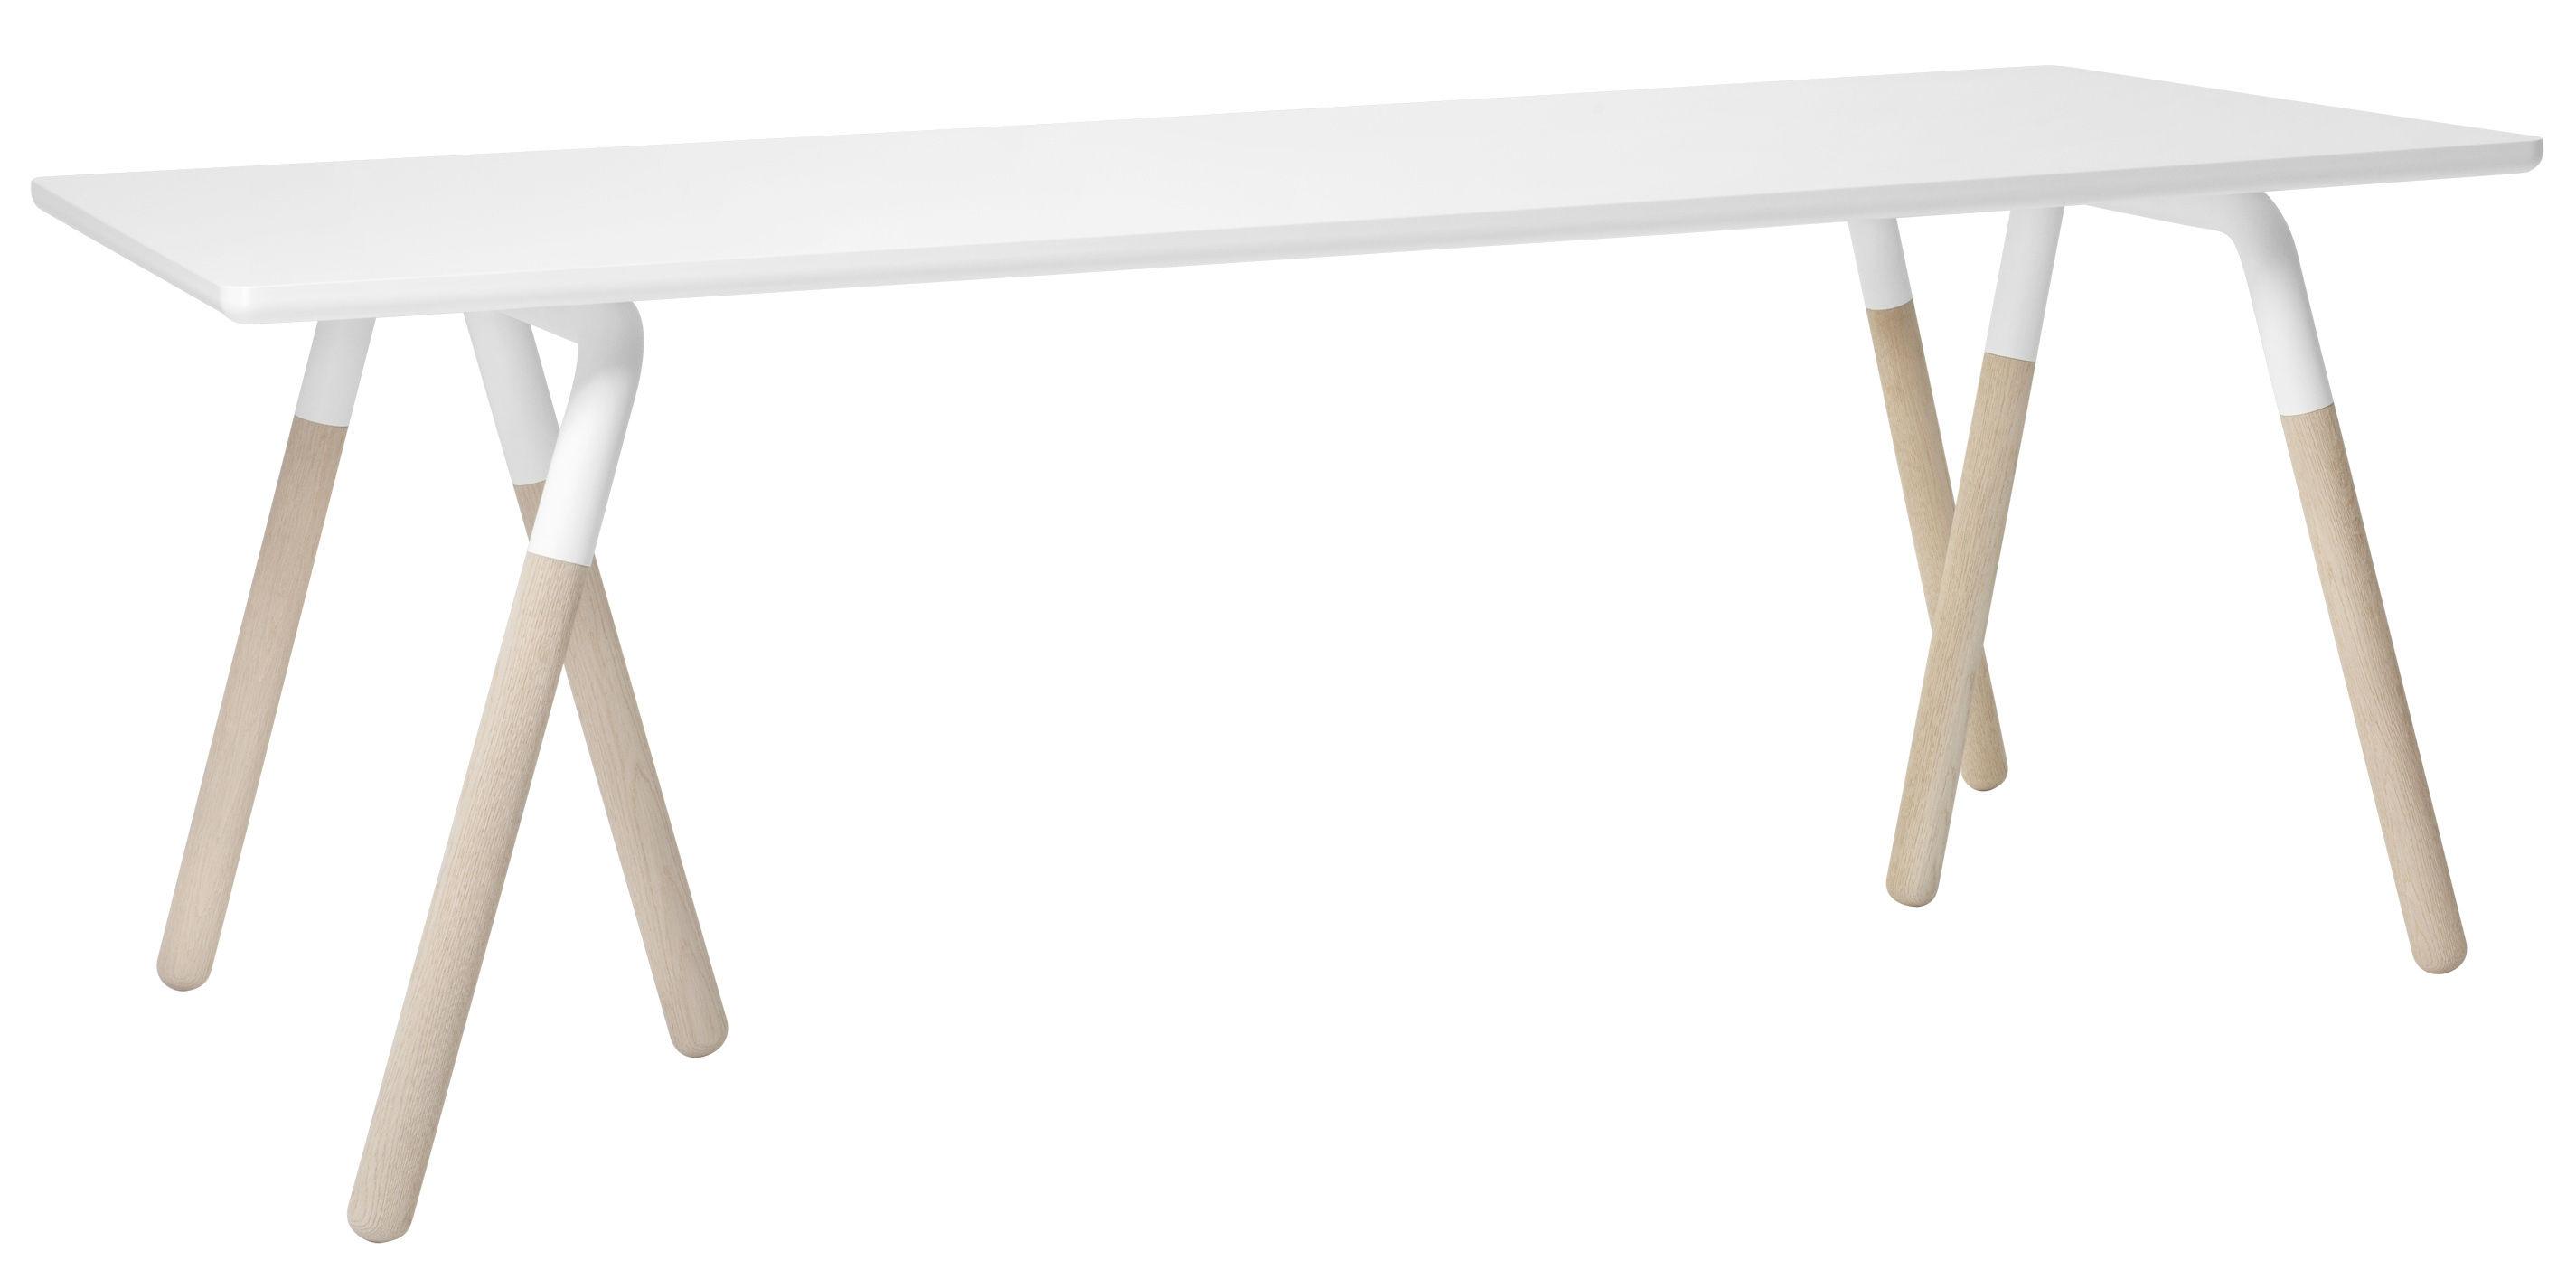 Mobilier - Tables - Table rectangulaire Raft / 200 x 90 cm - &tradition - Blanc - Acier laqué, Chêne sablé, Laminé